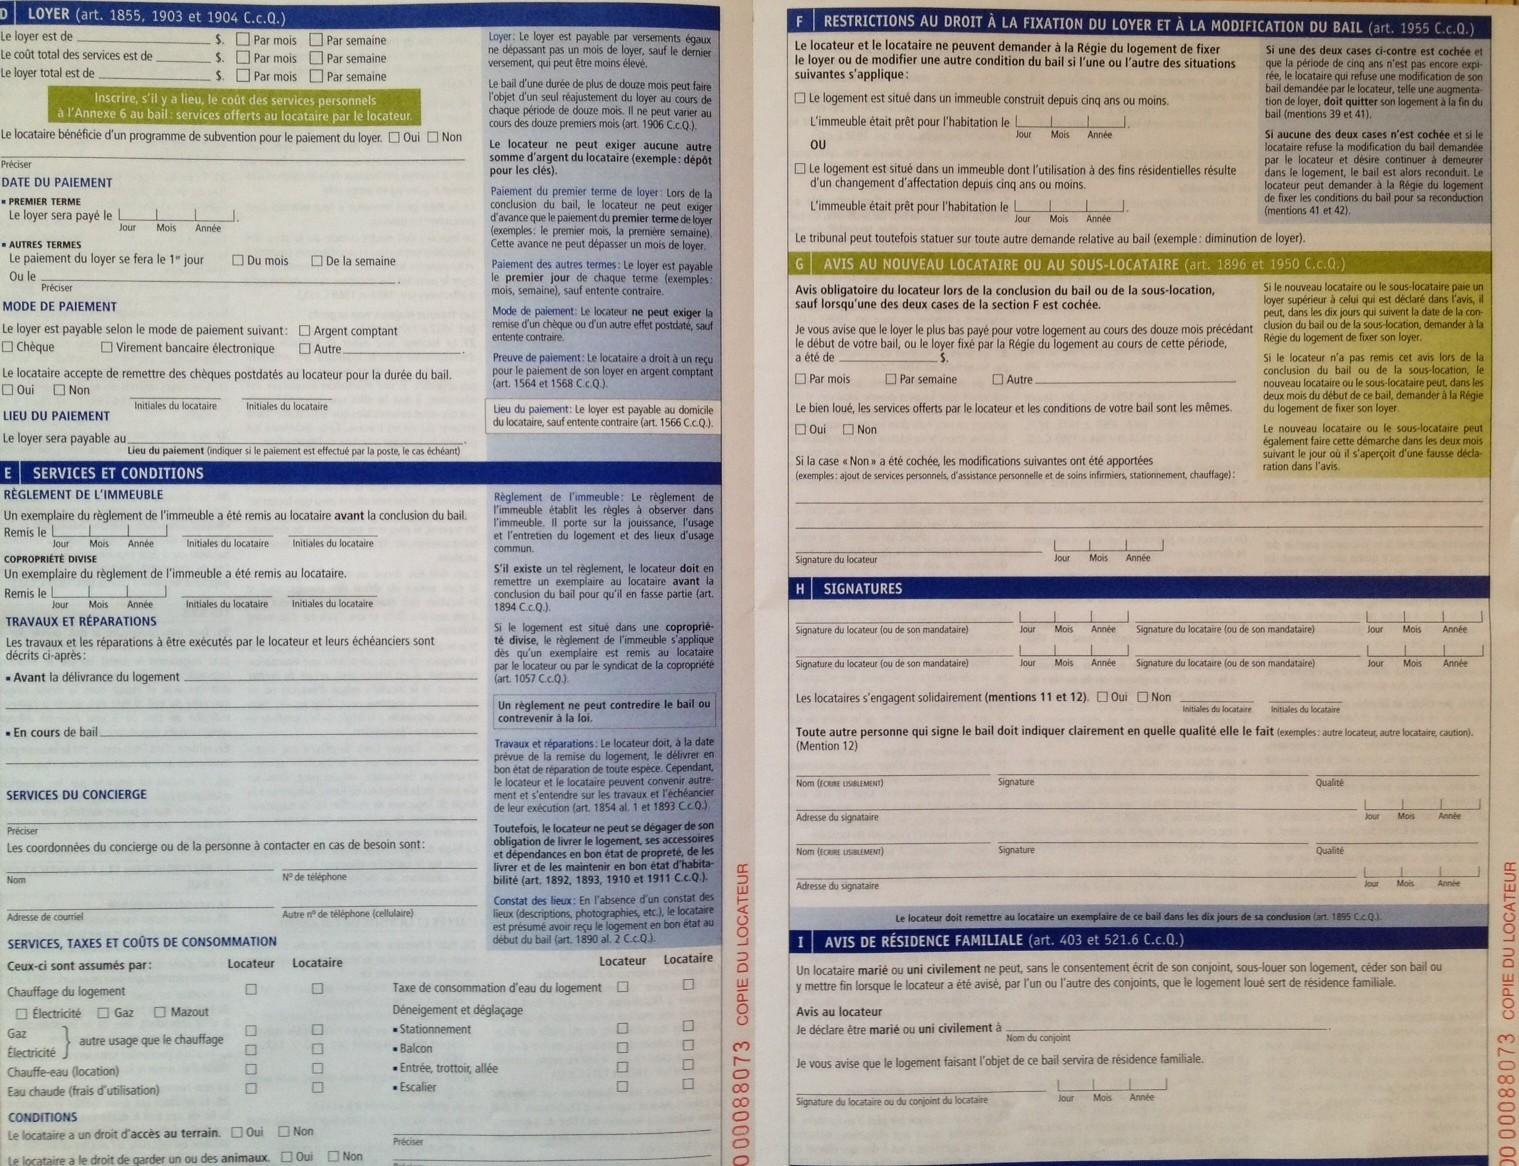 Les changements du nouveau bail de la r gie du logement du qu bec d conome - Droit du locataire en cas de vente du logement ...